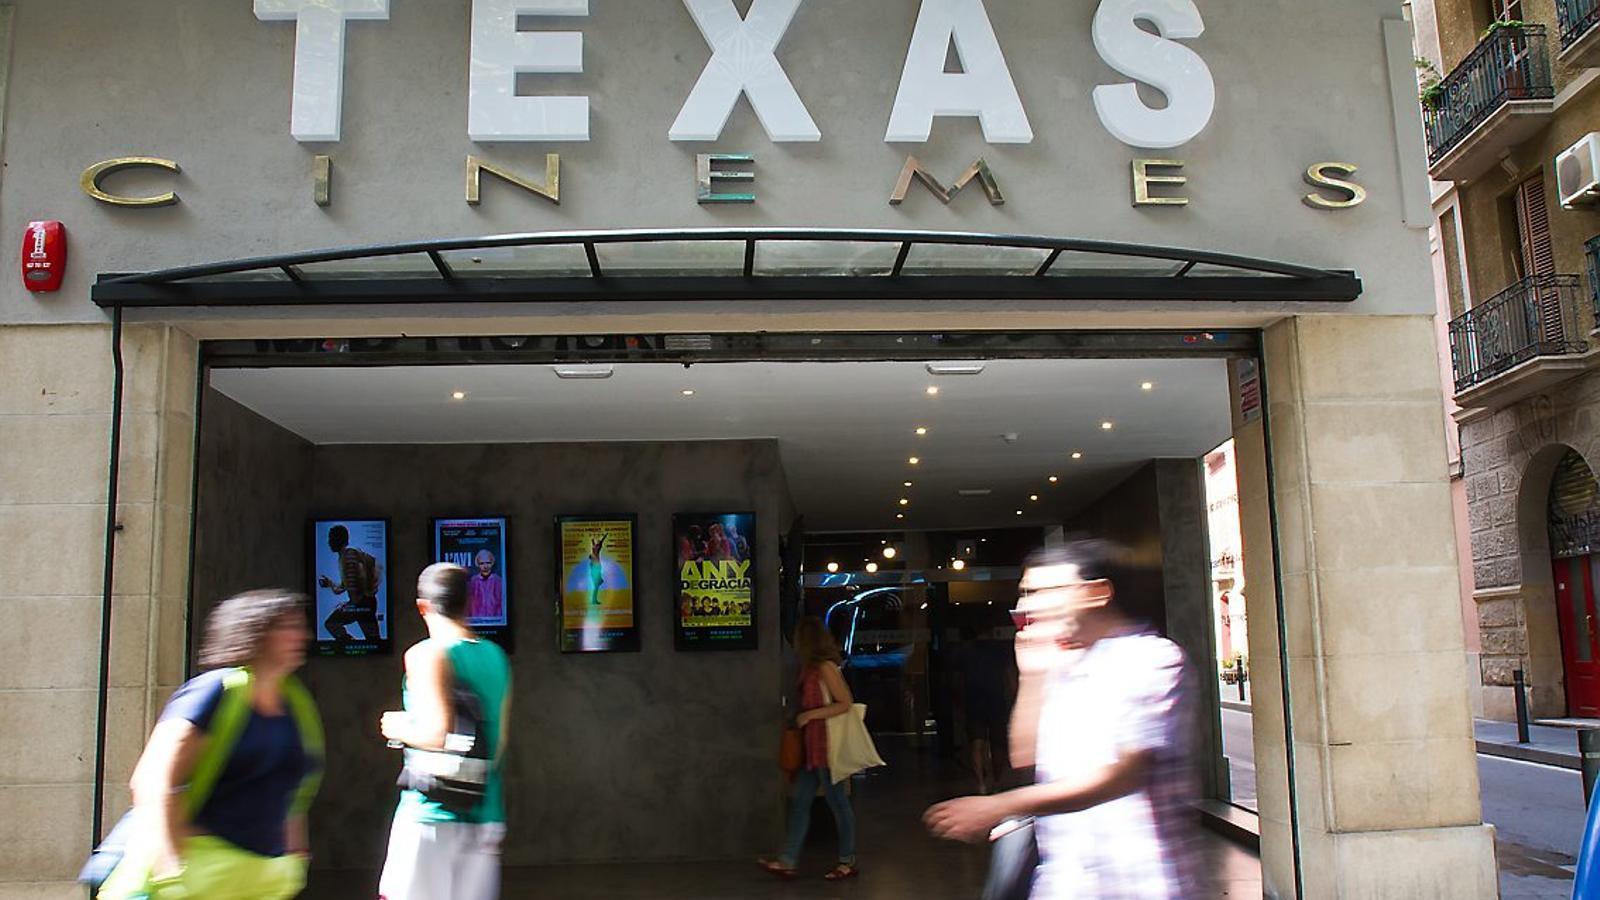 La façana dels nous Cinemes Texas, que obriran al públic el dijous 18 de setembre.